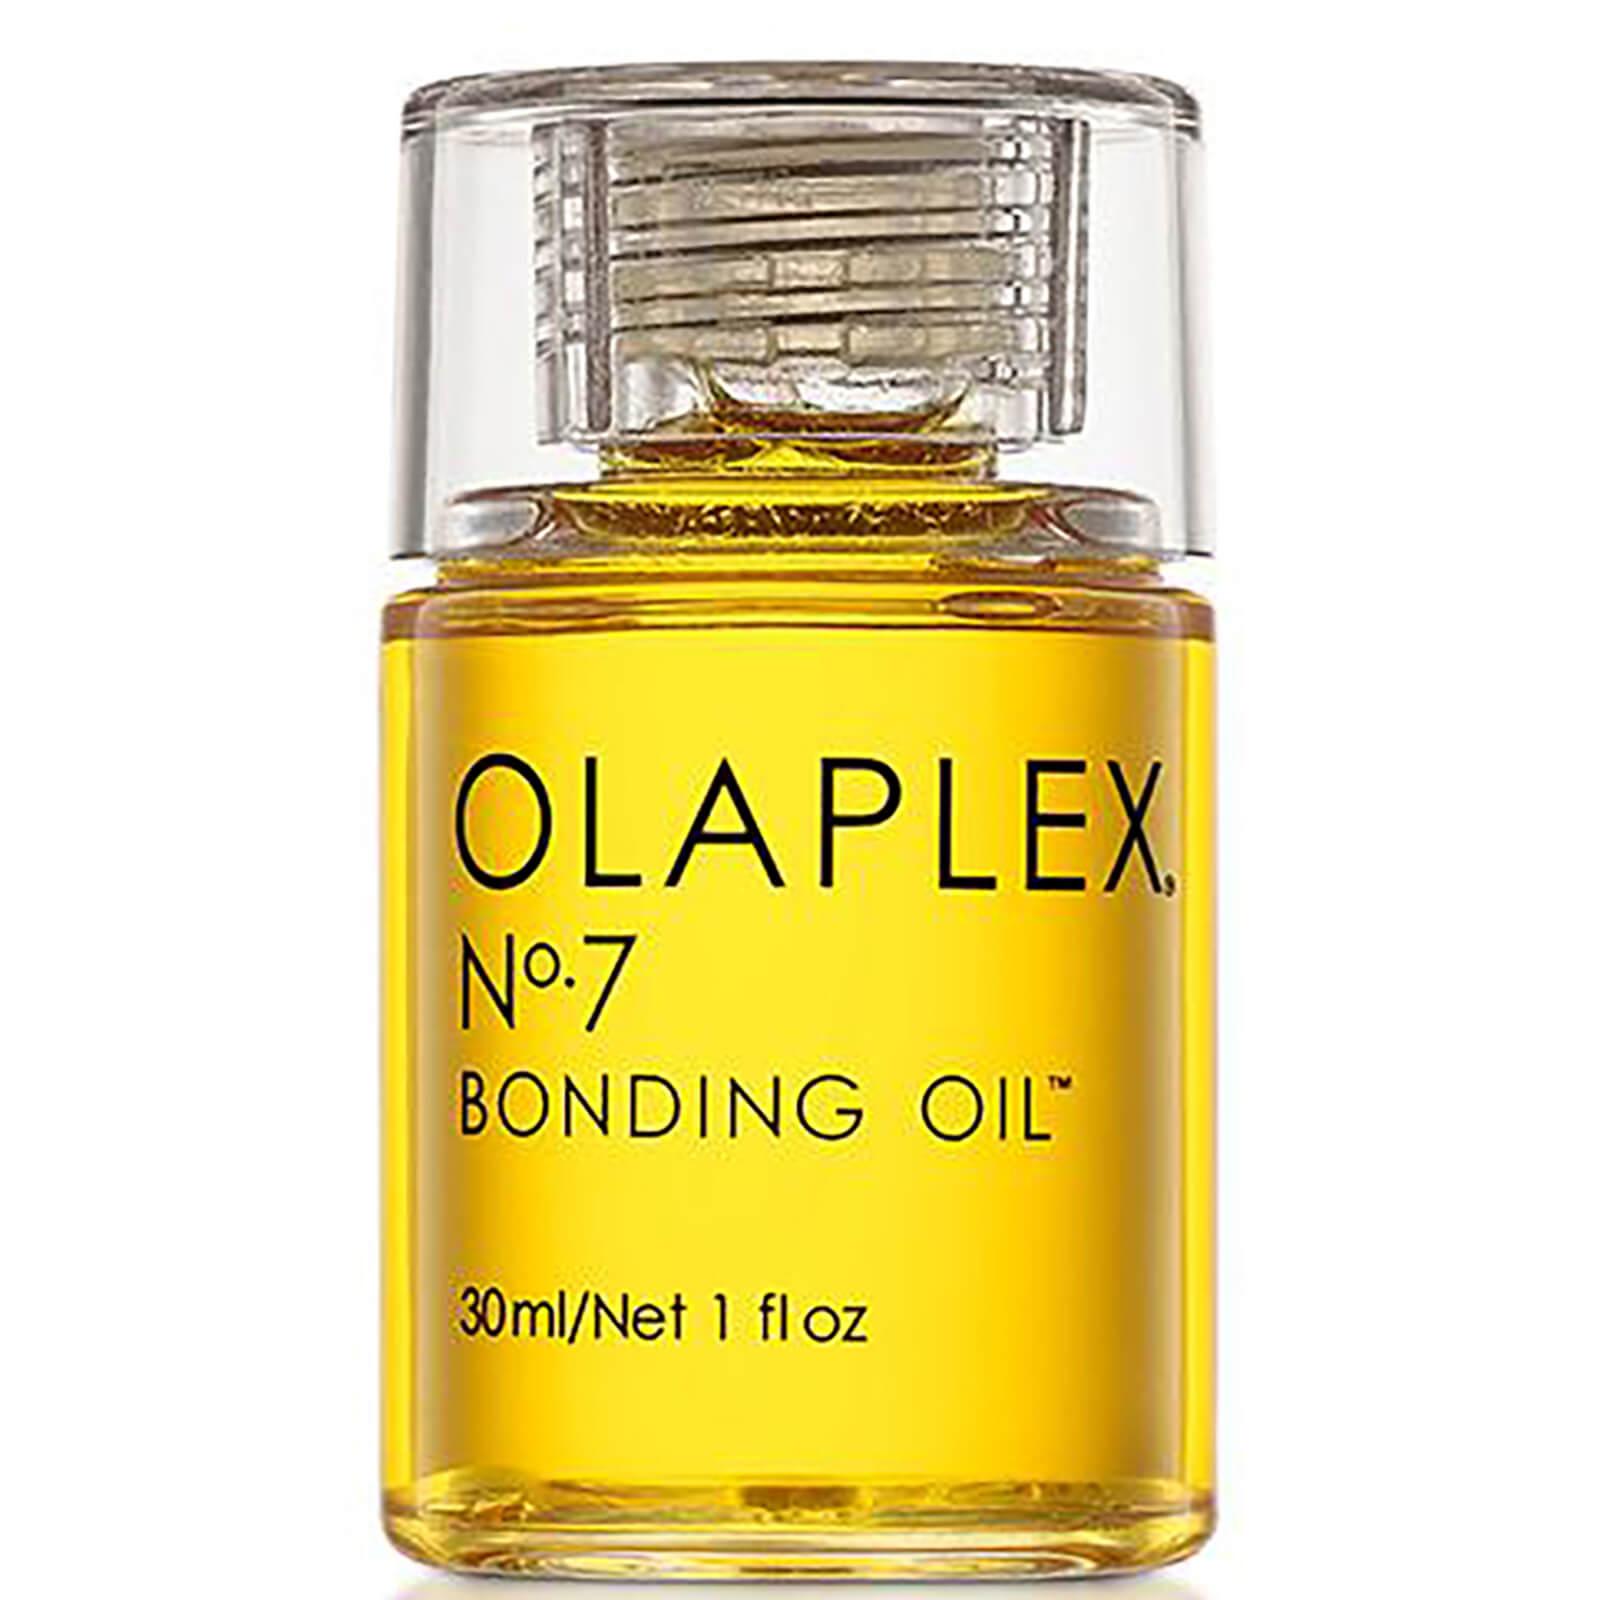 Купить Olaplex No.7 Bonding Oil 30ml